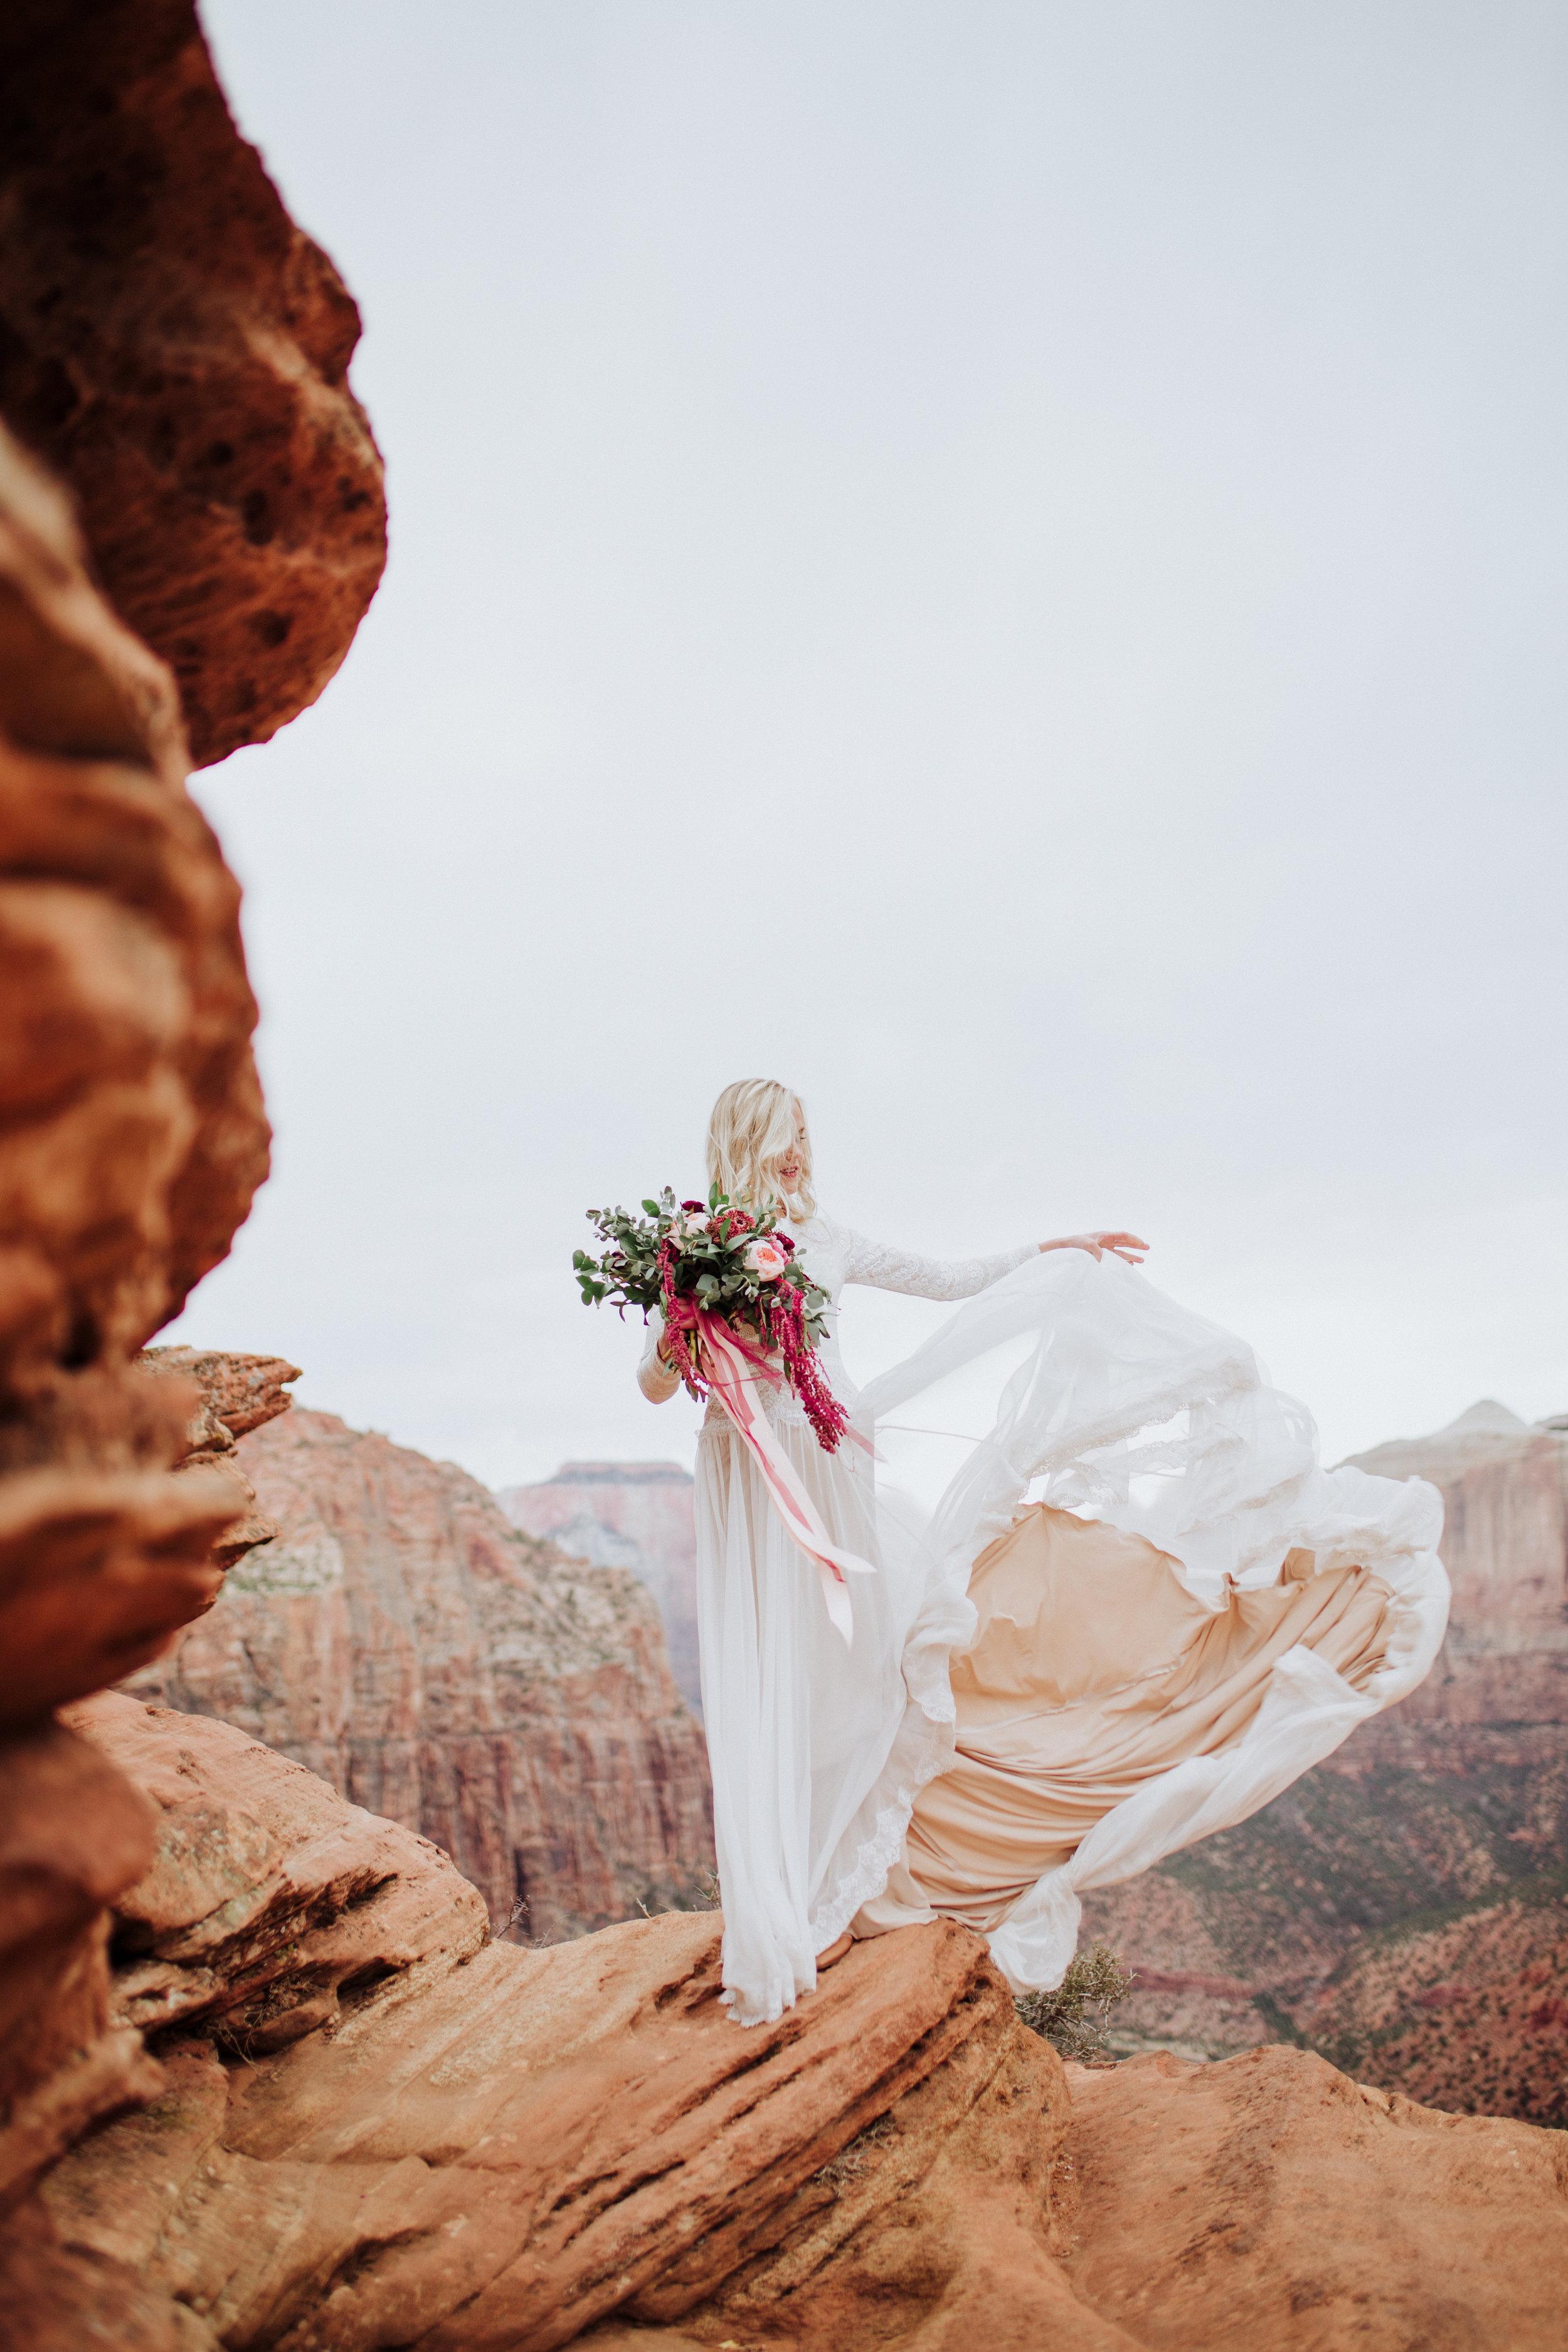 zion valentines shoot-188.jpg